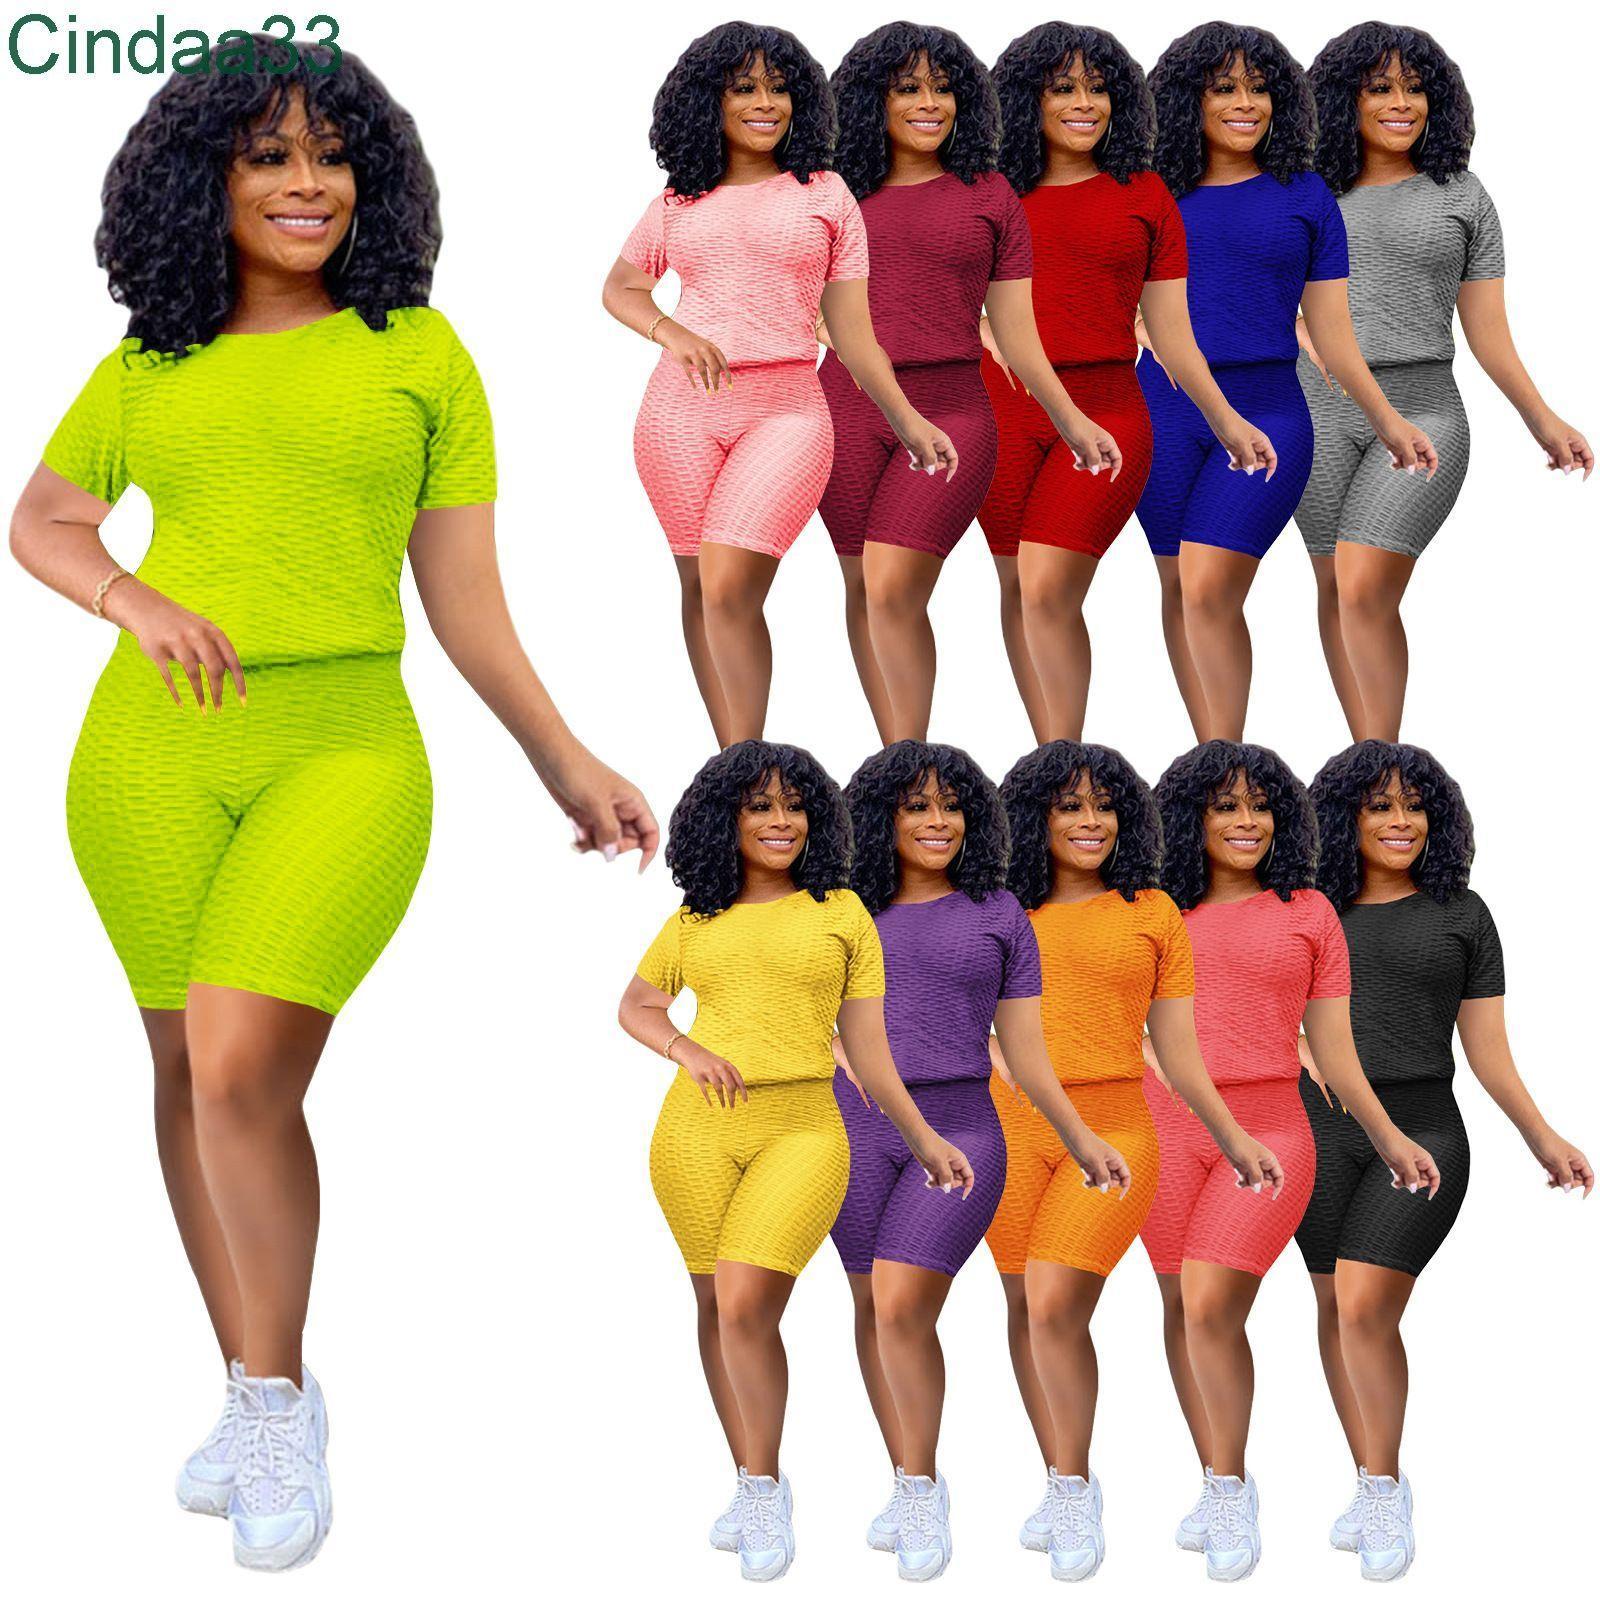 2021 Yaz Kadın Eşofman 2 Adet Yoga Kıyafetler Tasarımcı Kısa Kollu T-shirt Şort Katı Renk Spor Joggers Suit Giysileri Artı Boyutu